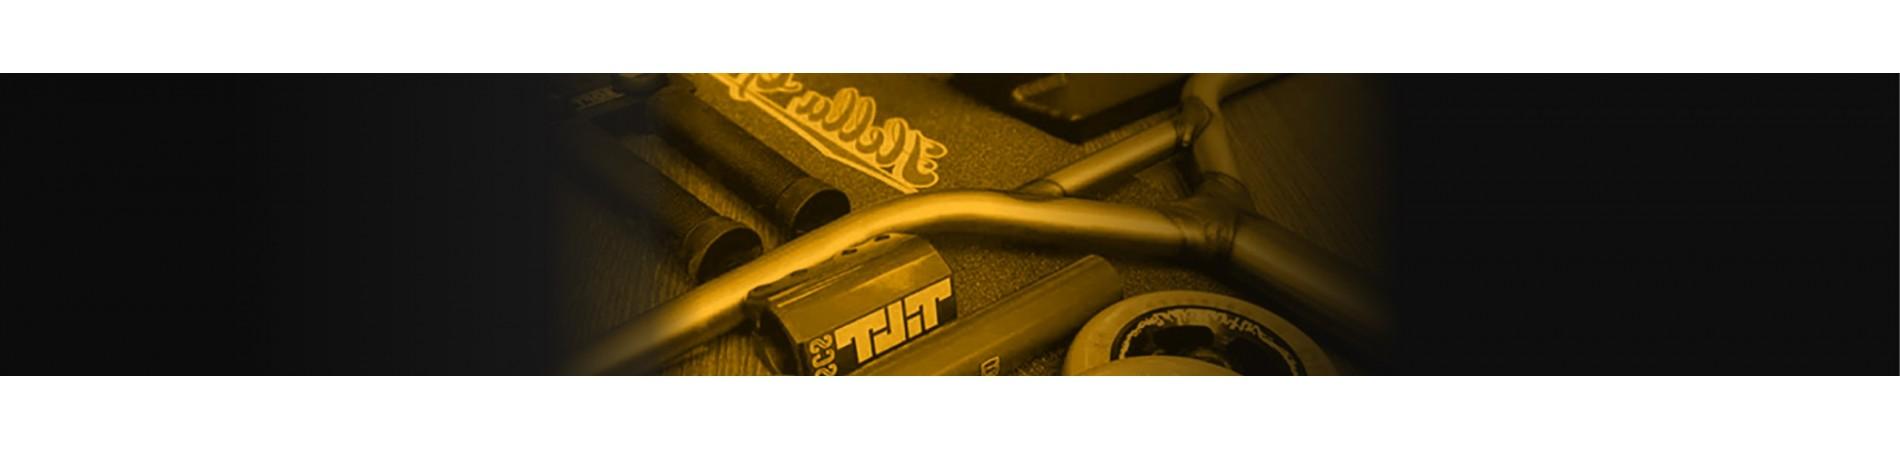 Piezas para Scooter Freestyle. Los mejores componentes para tu Scooter Freestyle